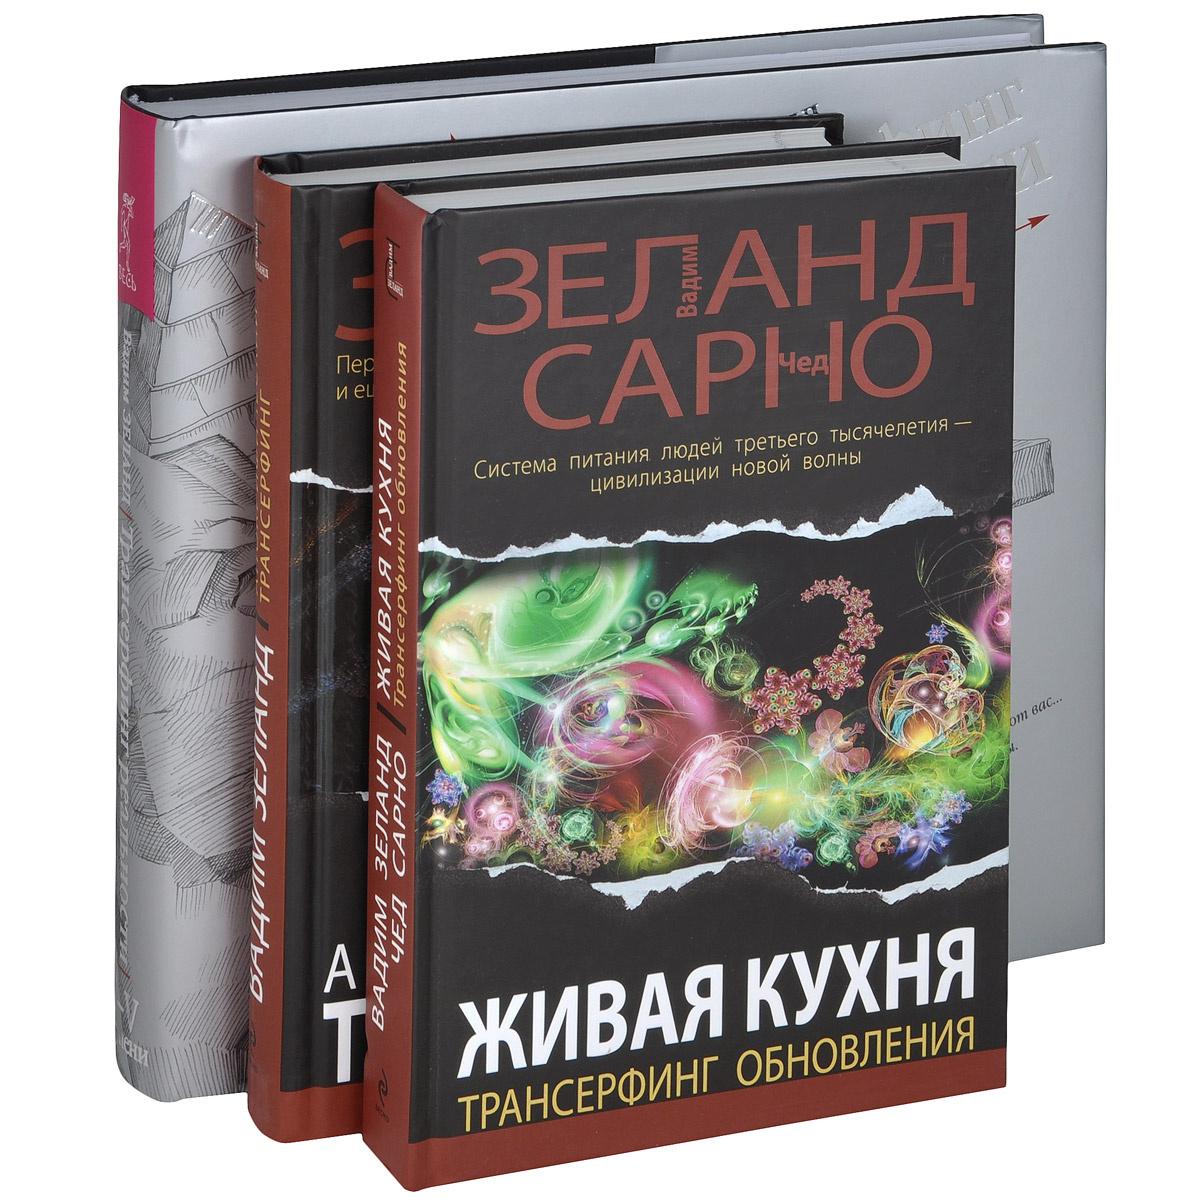 Трансерфинг реальности. 1-5 ступени. Апокрифический трансерфинг. Живая кухня (комплект из 3 книг)  #1